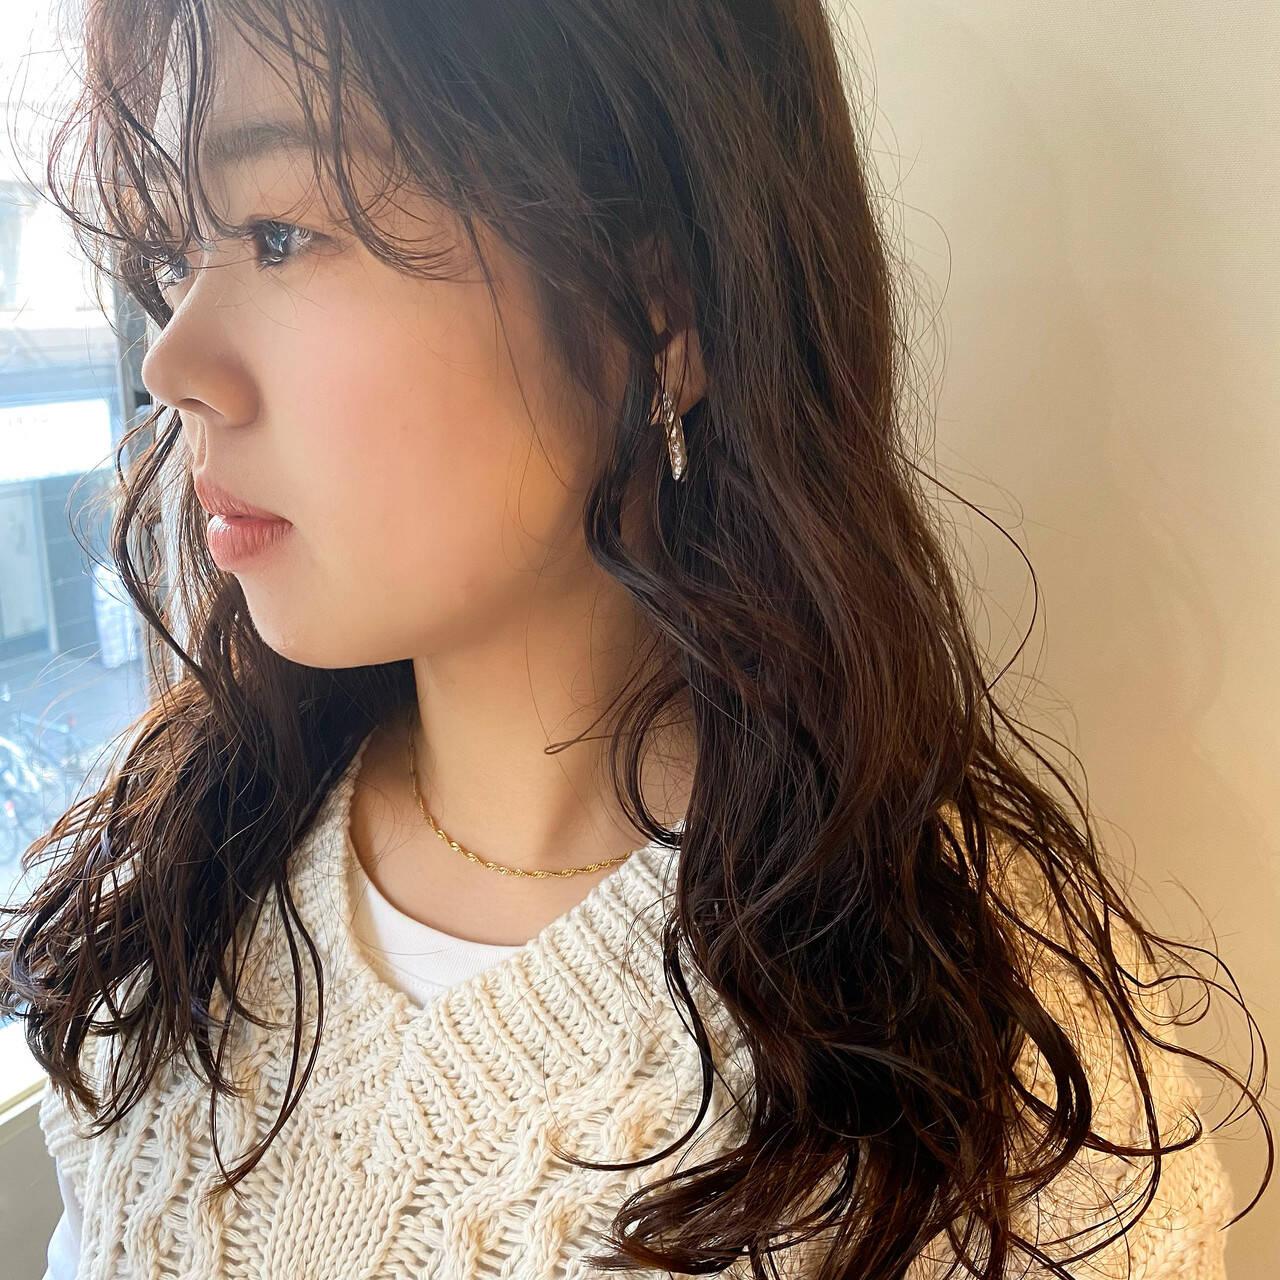 セミロング モード 韓国風ヘアー 前髪パーマヘアスタイルや髪型の写真・画像